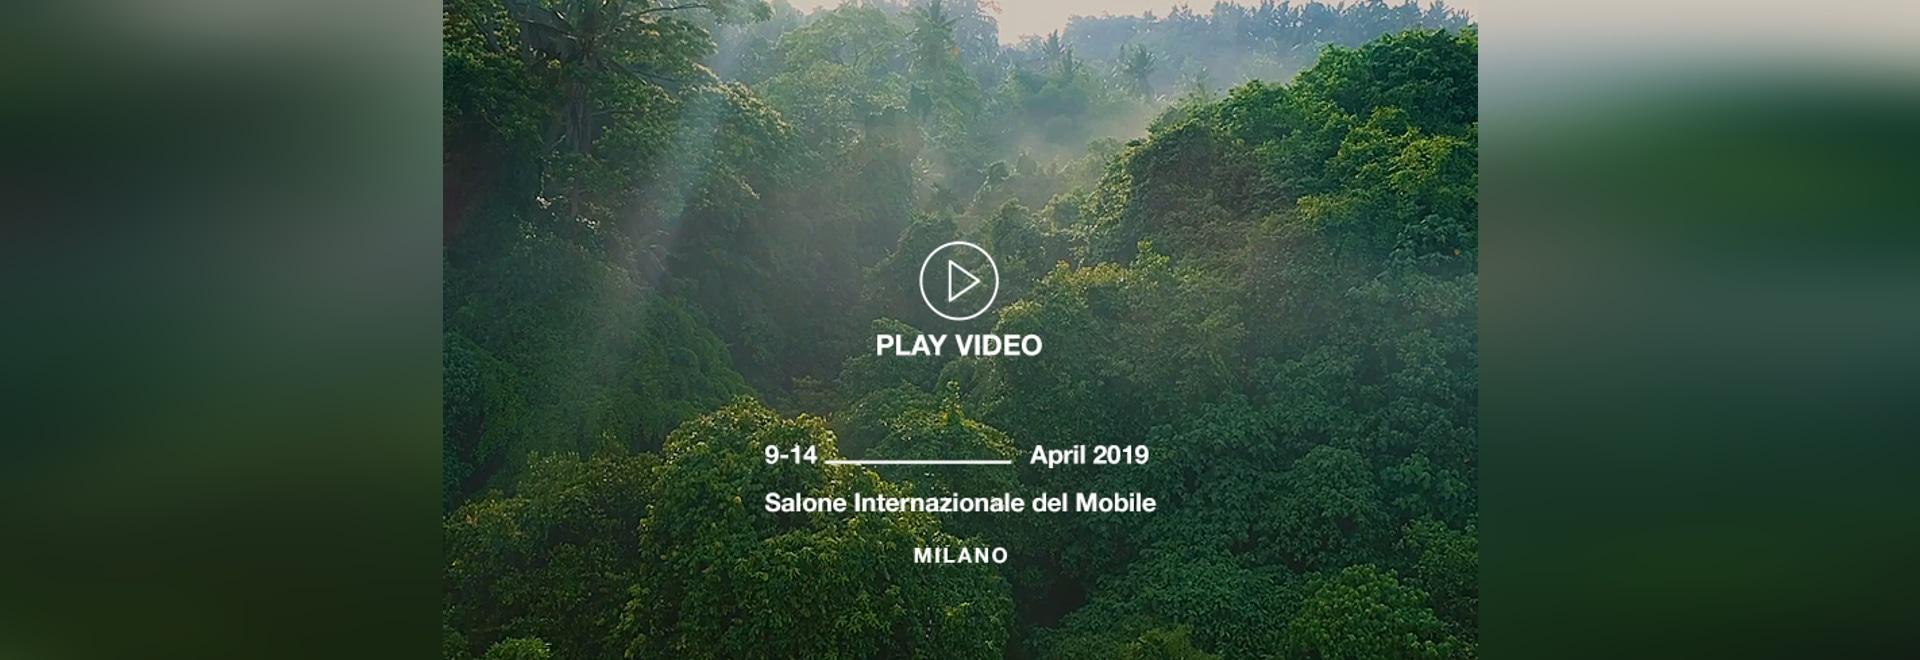 Opinion Ciatti at Salone Internazionale del Mobile